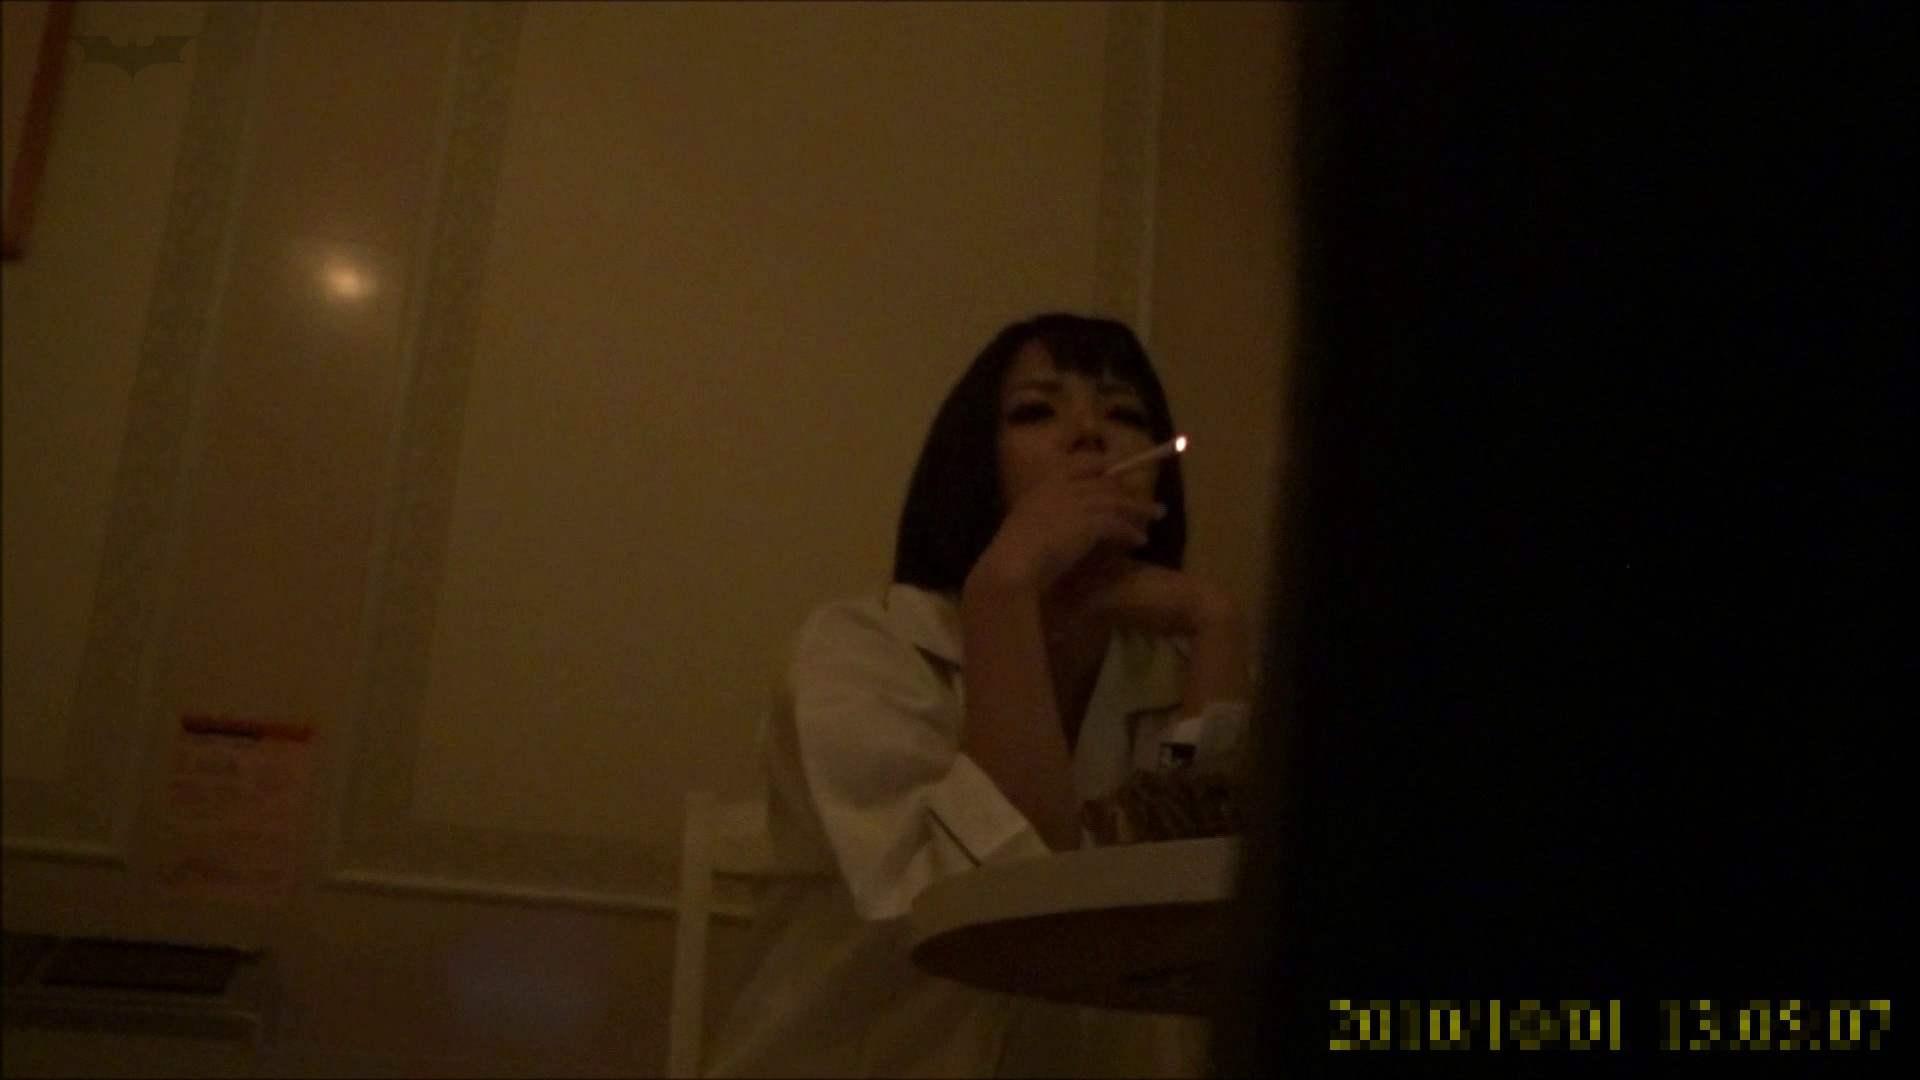 【未公開】vol.96 {茶髪→黒髪ギャル}美巨乳アミちゃん③【前編】 トイレ中   ホテル  96連発 15